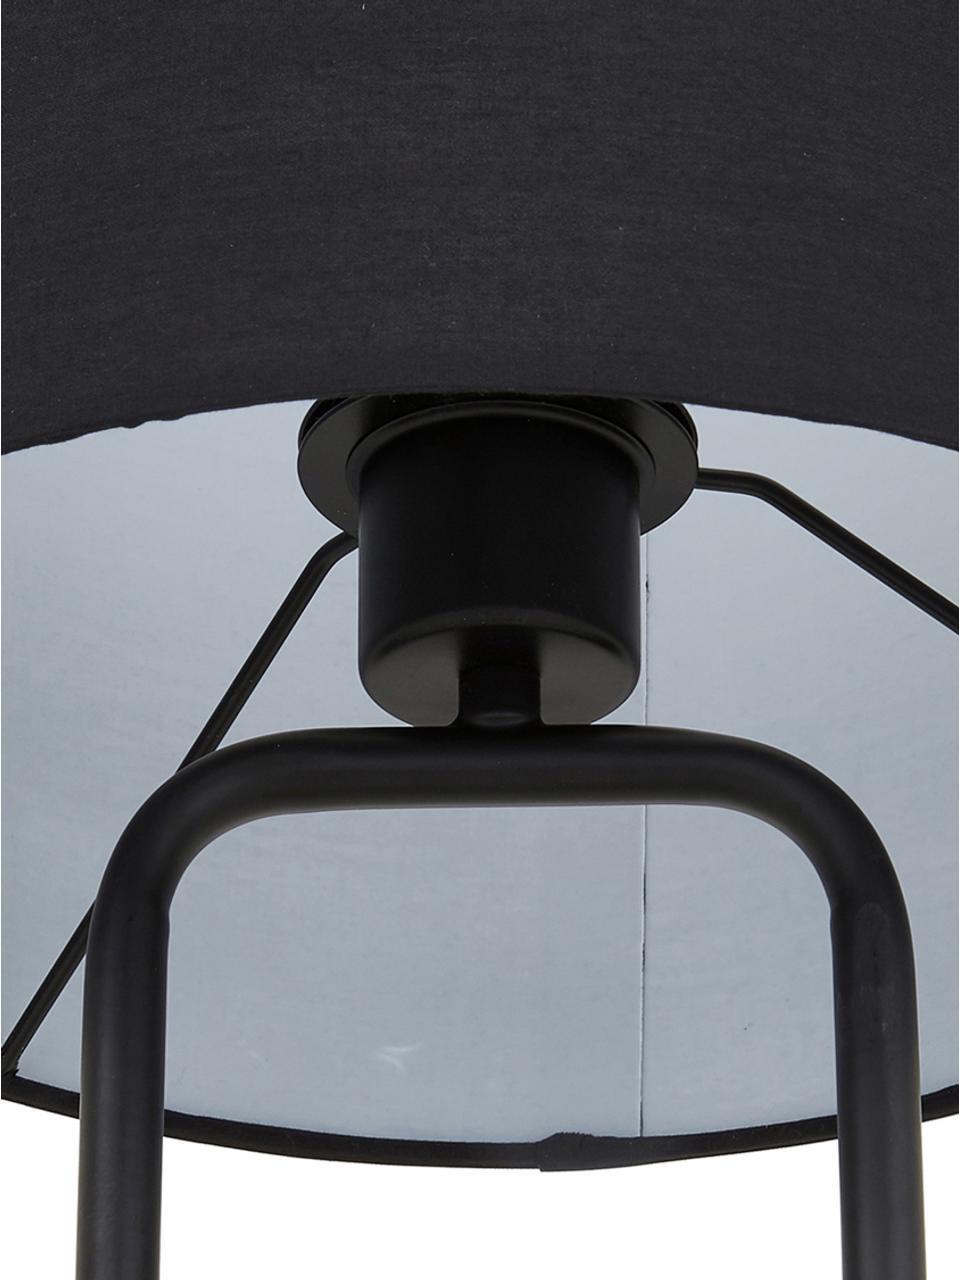 Große Tischlampe Pipero mit Betonfuß, Lampenschirm: Textil, Lampenfuß: Metall, pulverbeschichtet, Lampenschirm:SchwarzLampenfuß:Schwarz, matt, GrauKabel: Schwarz, Ø 28 x H 51 cm